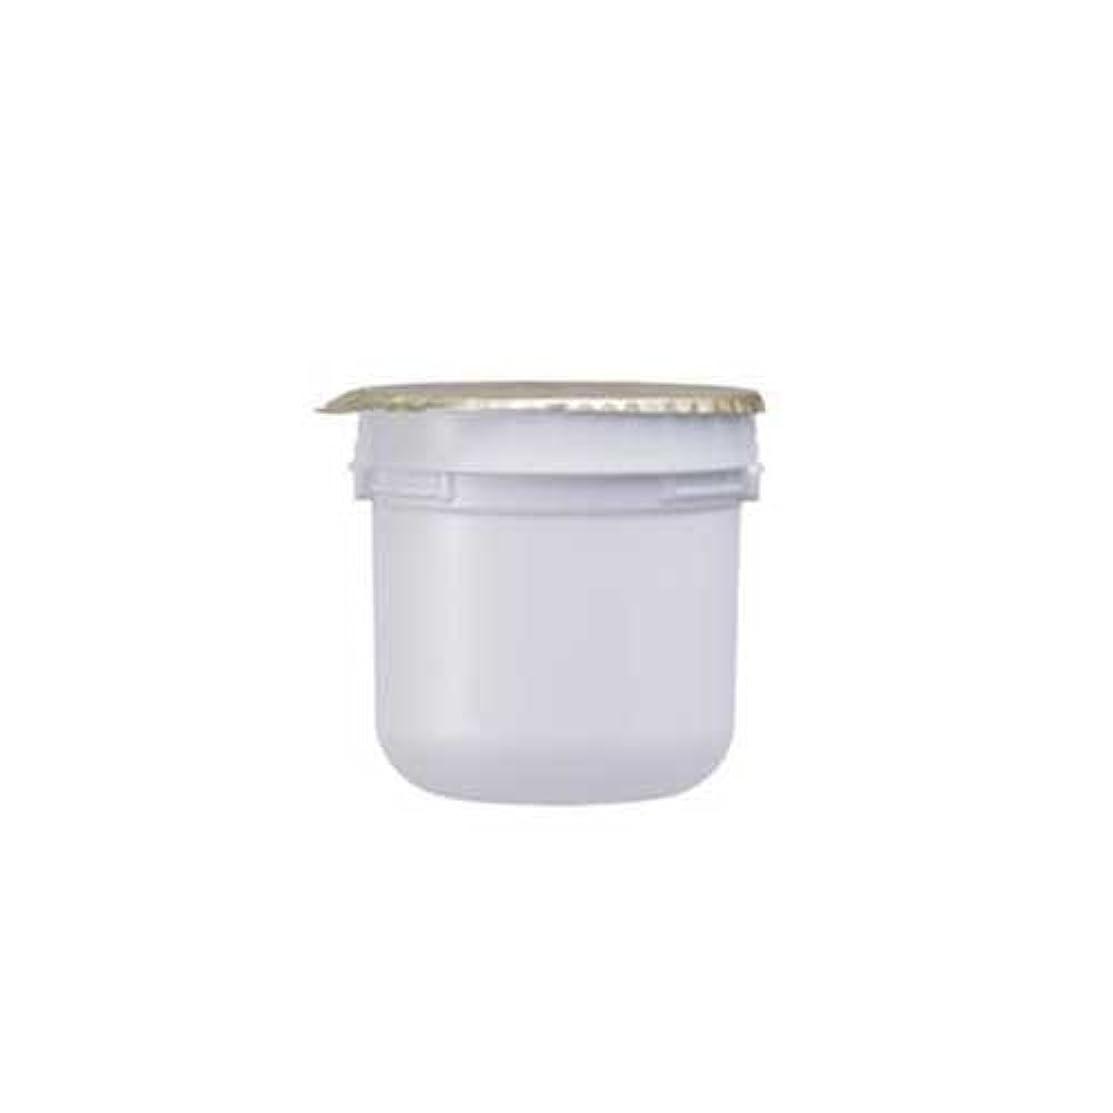 禁止する飛行機不規則性ASTALIFT(アスタリフト) ホワイト クリーム(美白クリーム)レフィル 30g